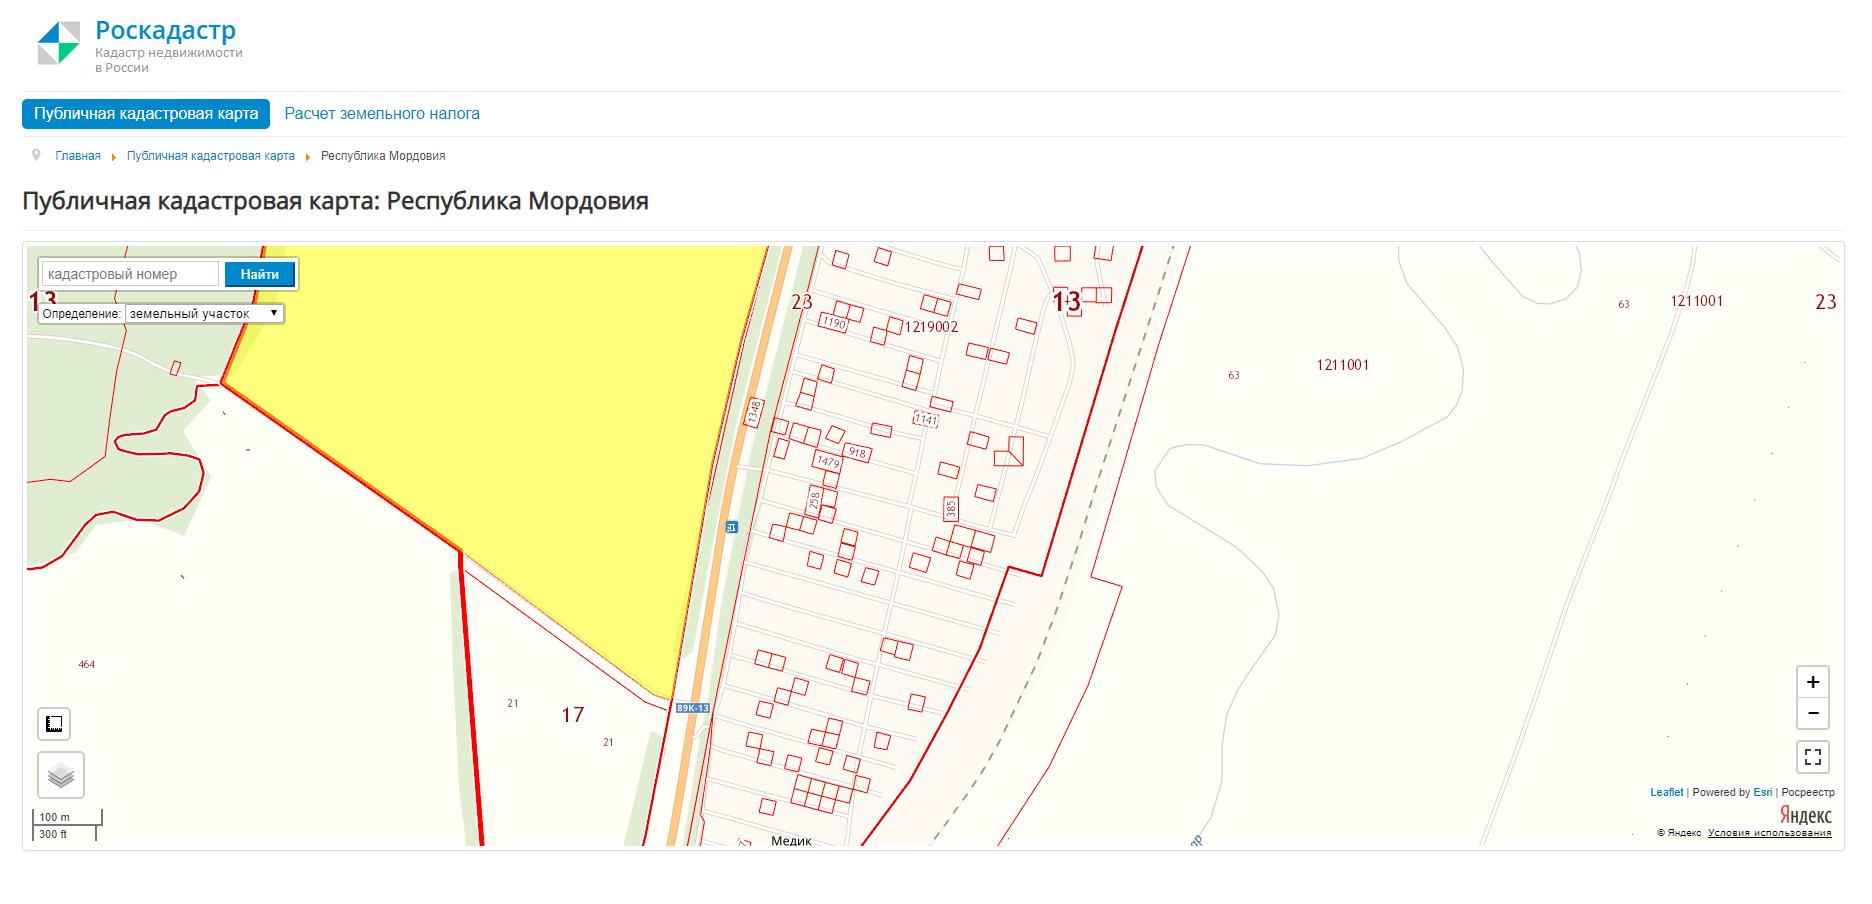 Публичная кадастровая карта. Оформленные земельные участки обведены красным